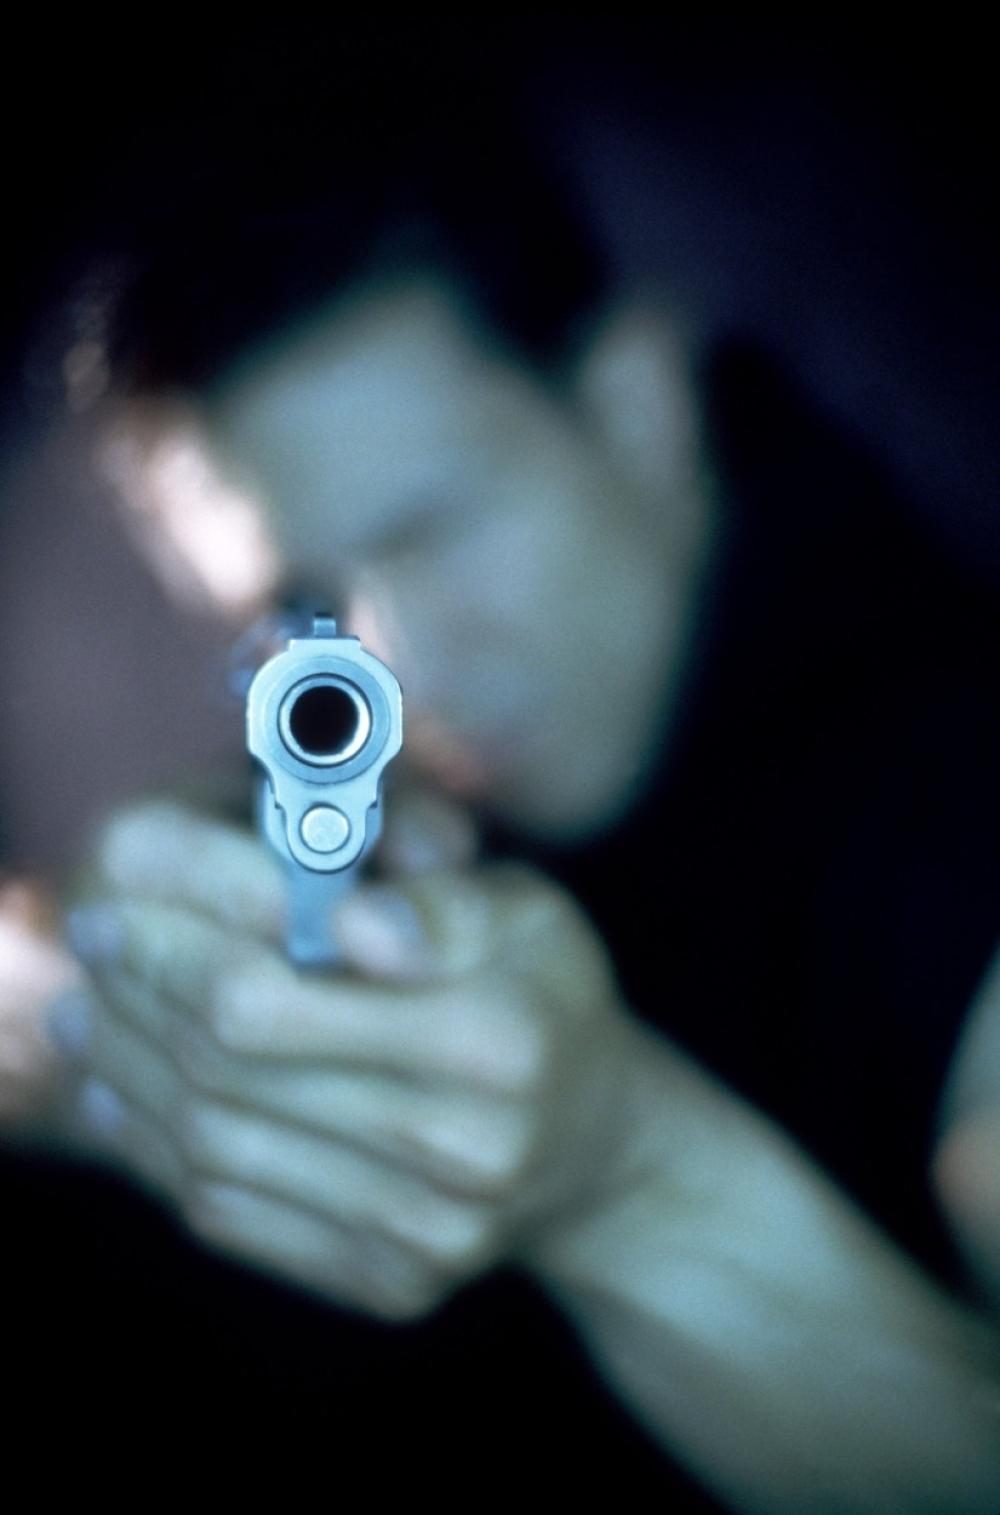 Pucnjava Sačekuša Pištolj